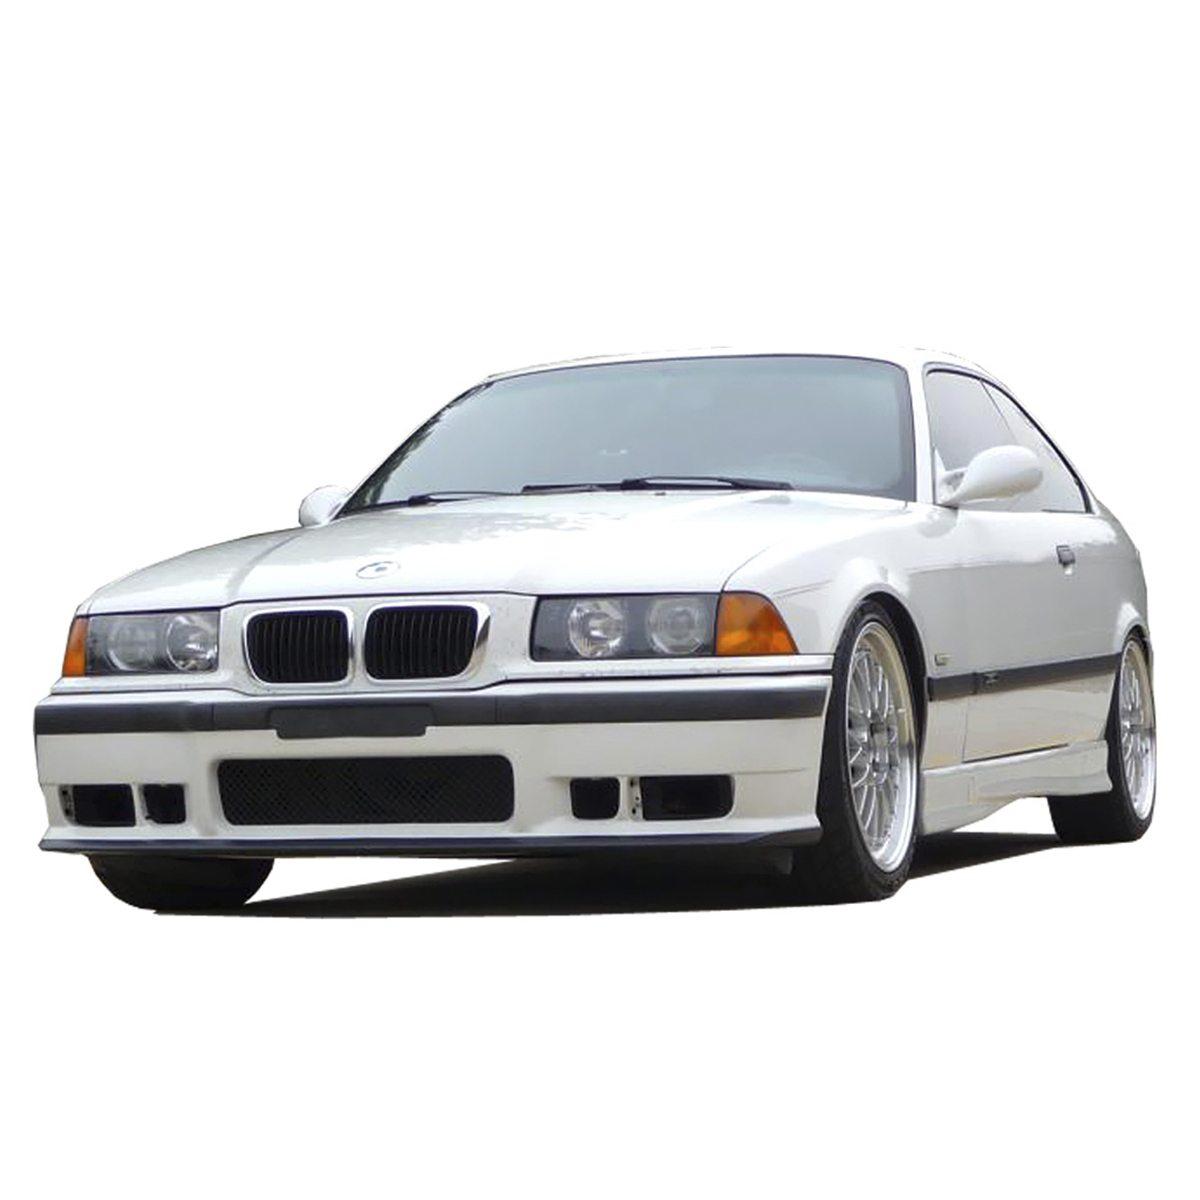 BMW-E36-M3-Frt-PCA005